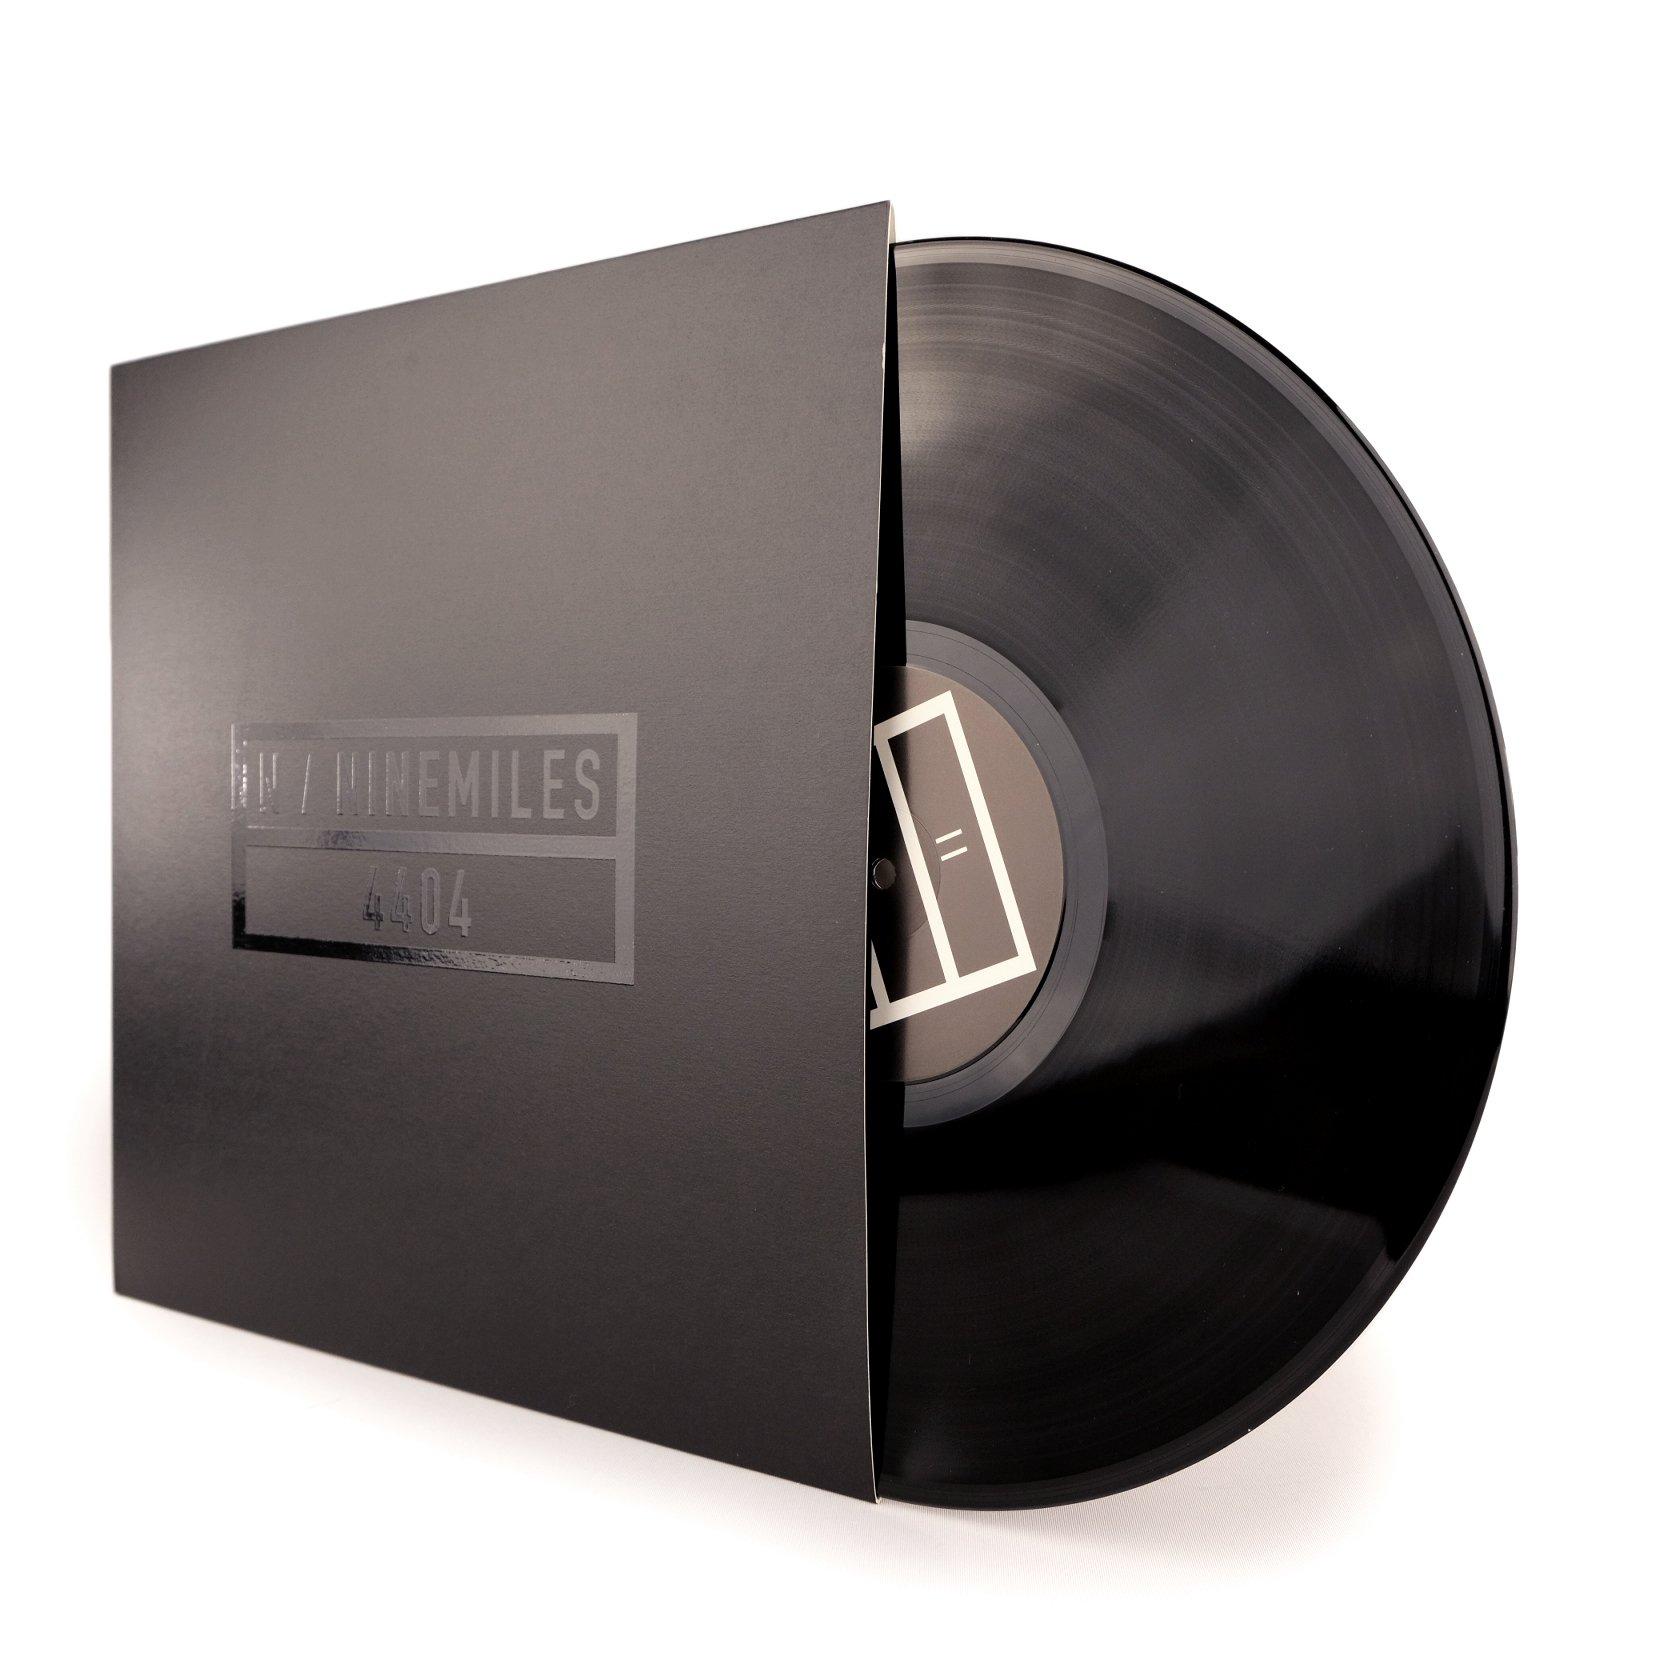 N and Ninemiles - 44.04